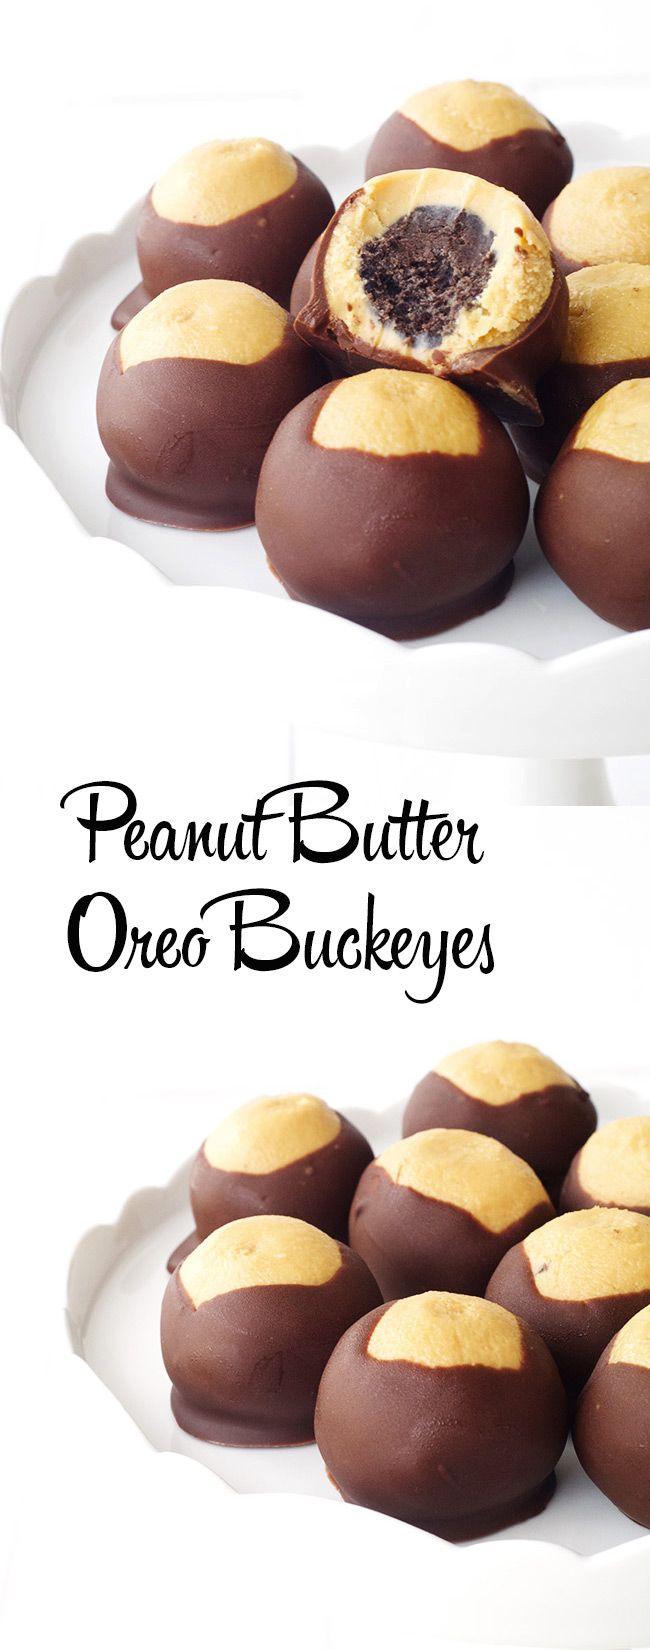 149 best OSU images on Pinterest | Chocolates, Kitchens and Baking